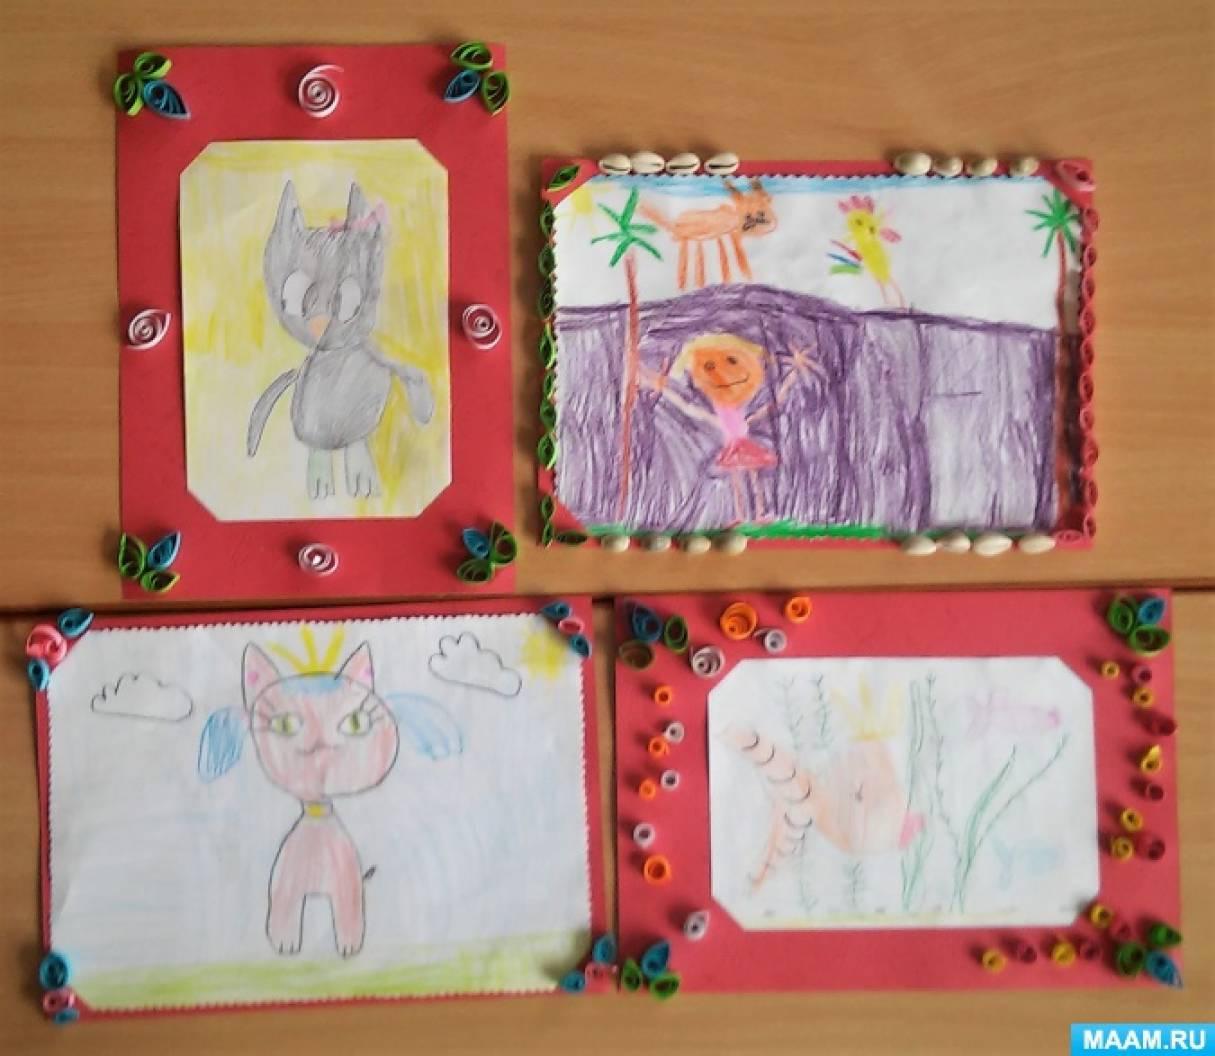 Детский мастер-класс «Оформление рамки для рисунков»